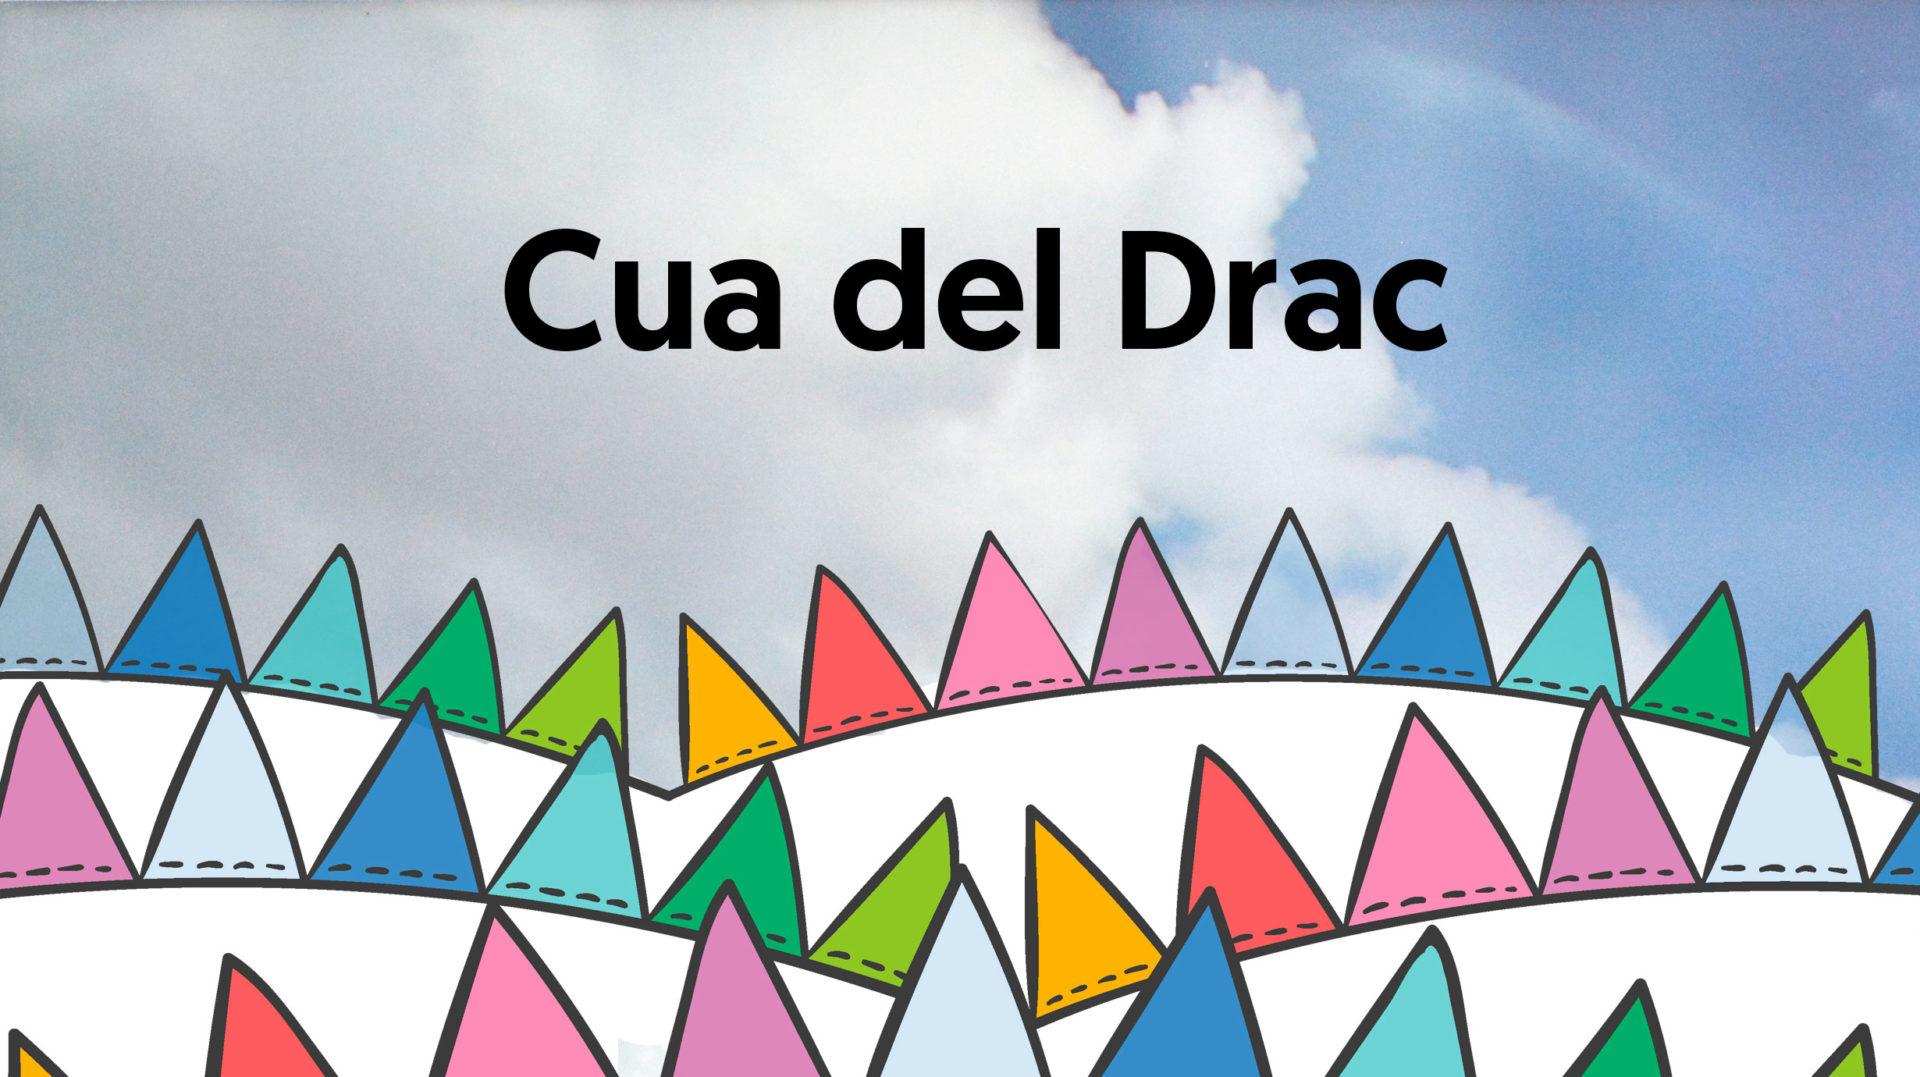 Tornen les propostes culturals d'estiu de la Cua del Drac